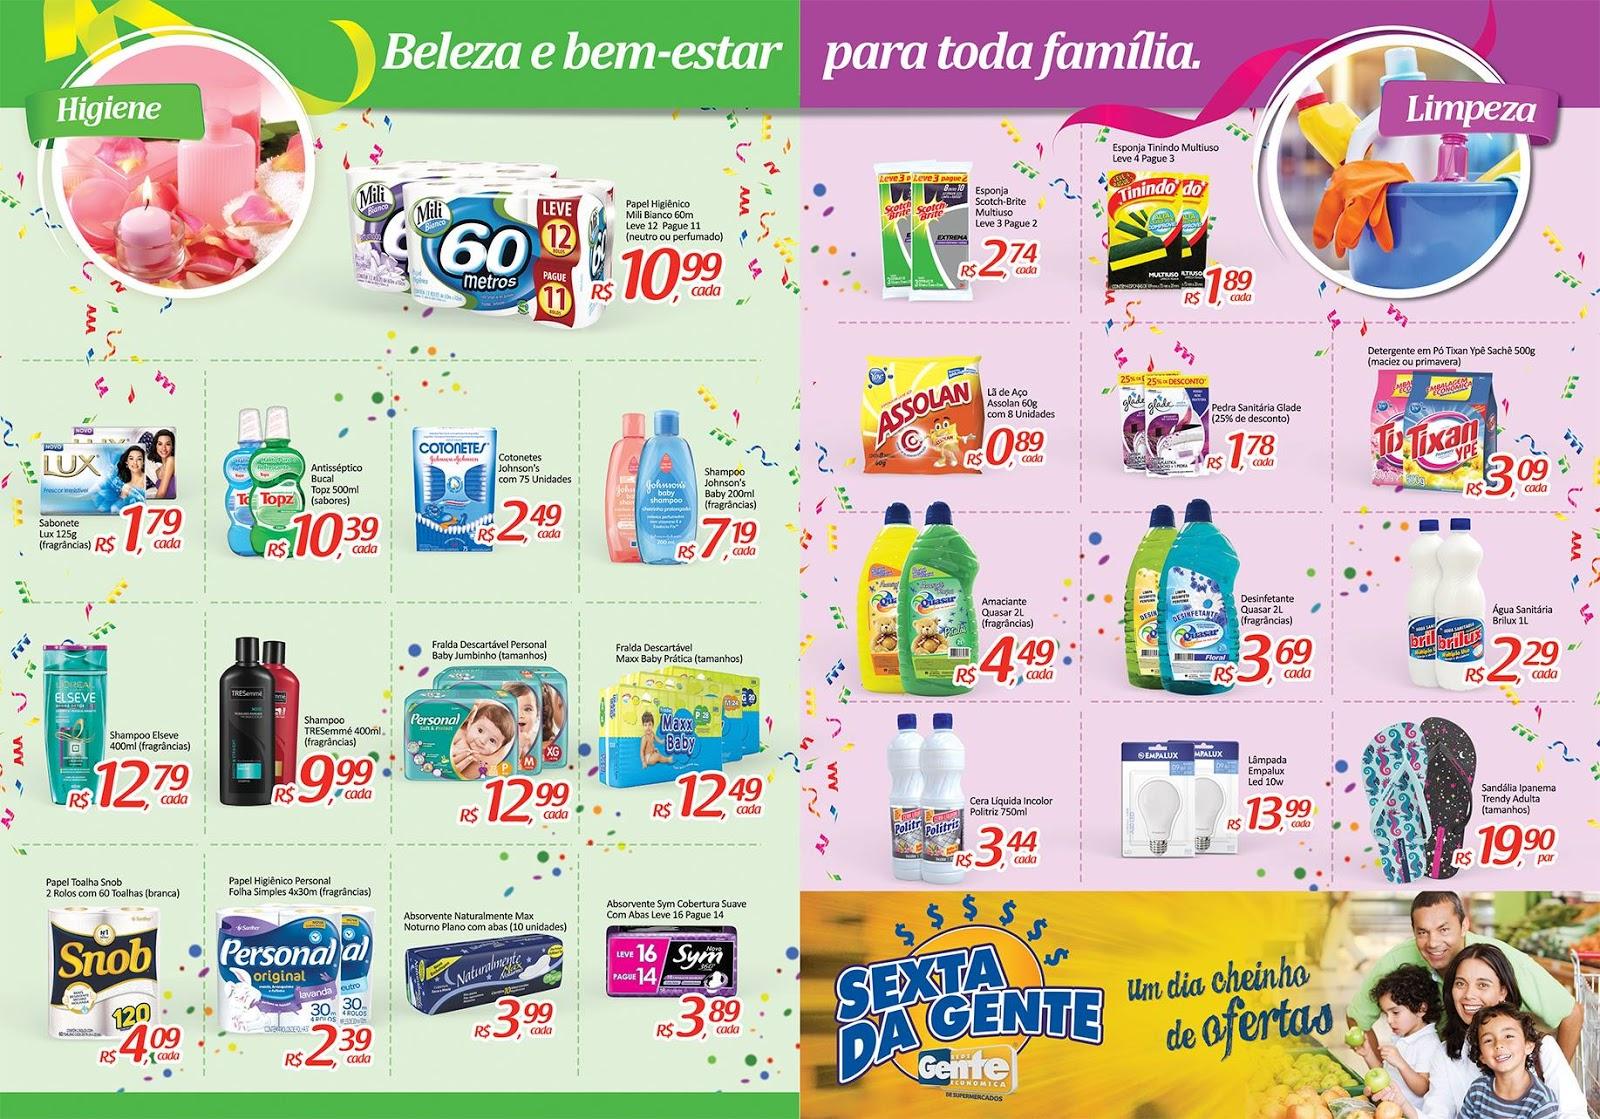 bd Uma folia de promoção no Bom demais supermercados em Monteiro